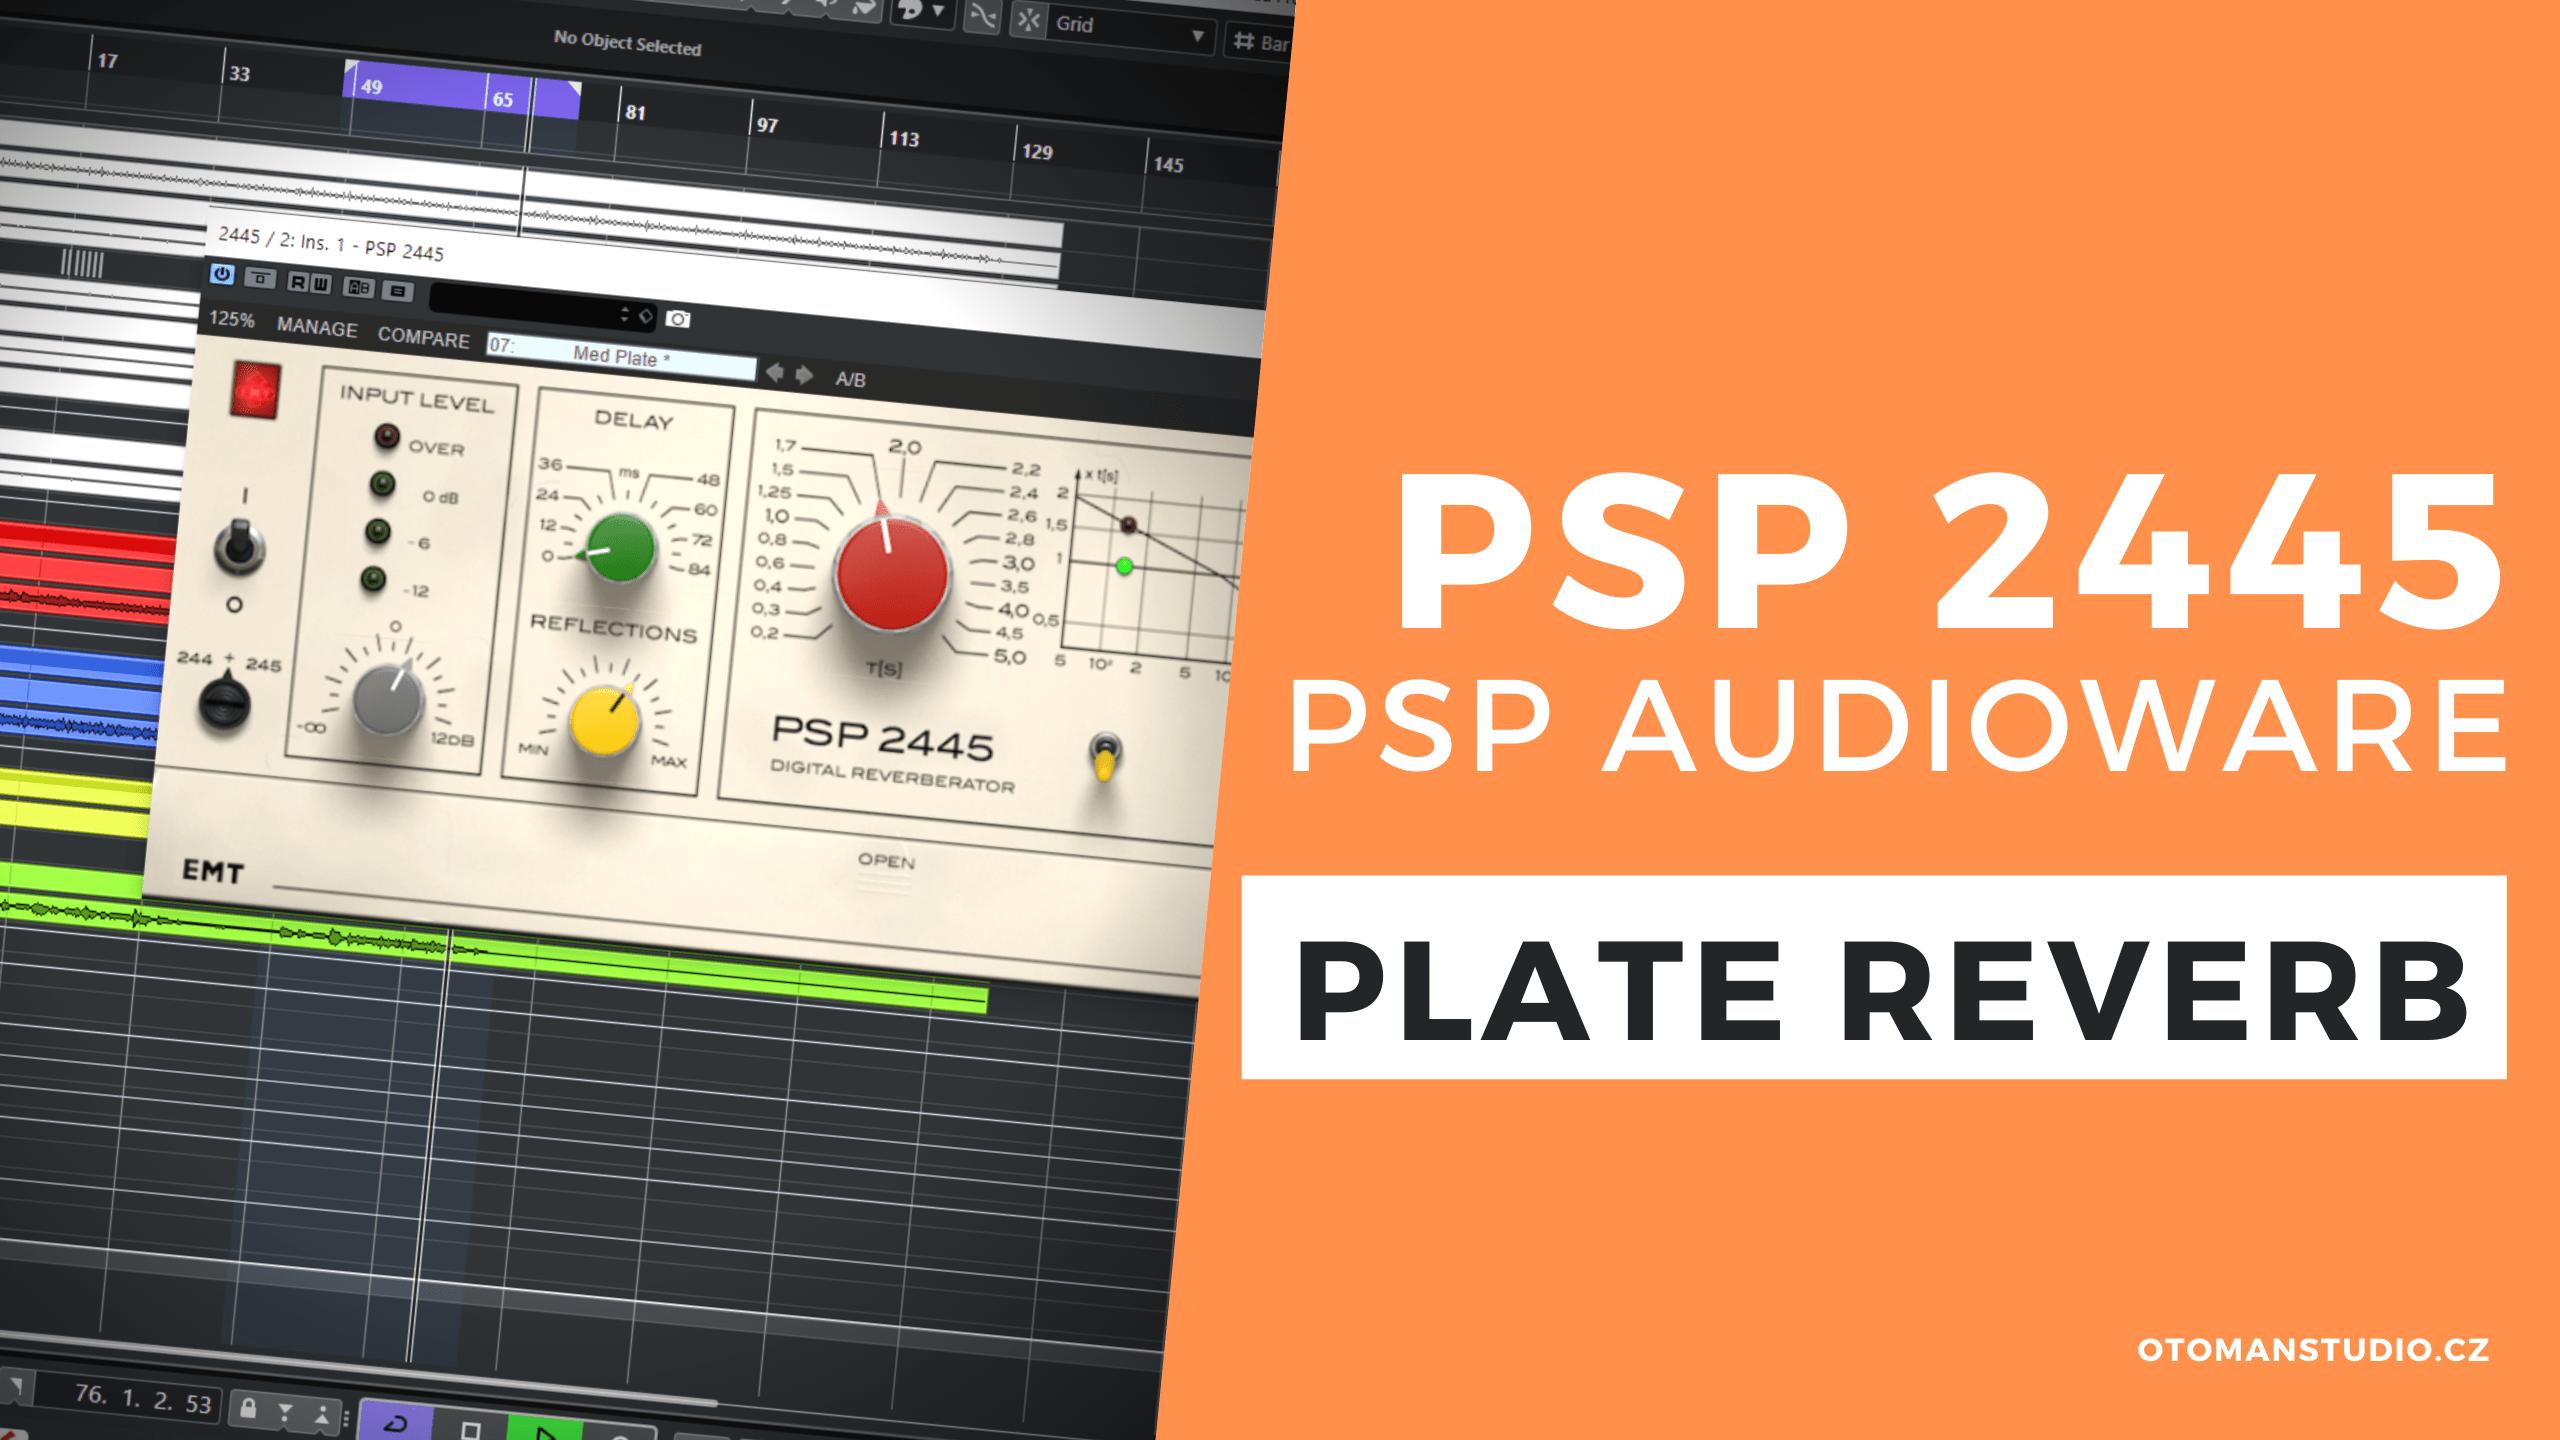 PSP 2445 – PSP AUDIOWARE – Plate Reverb